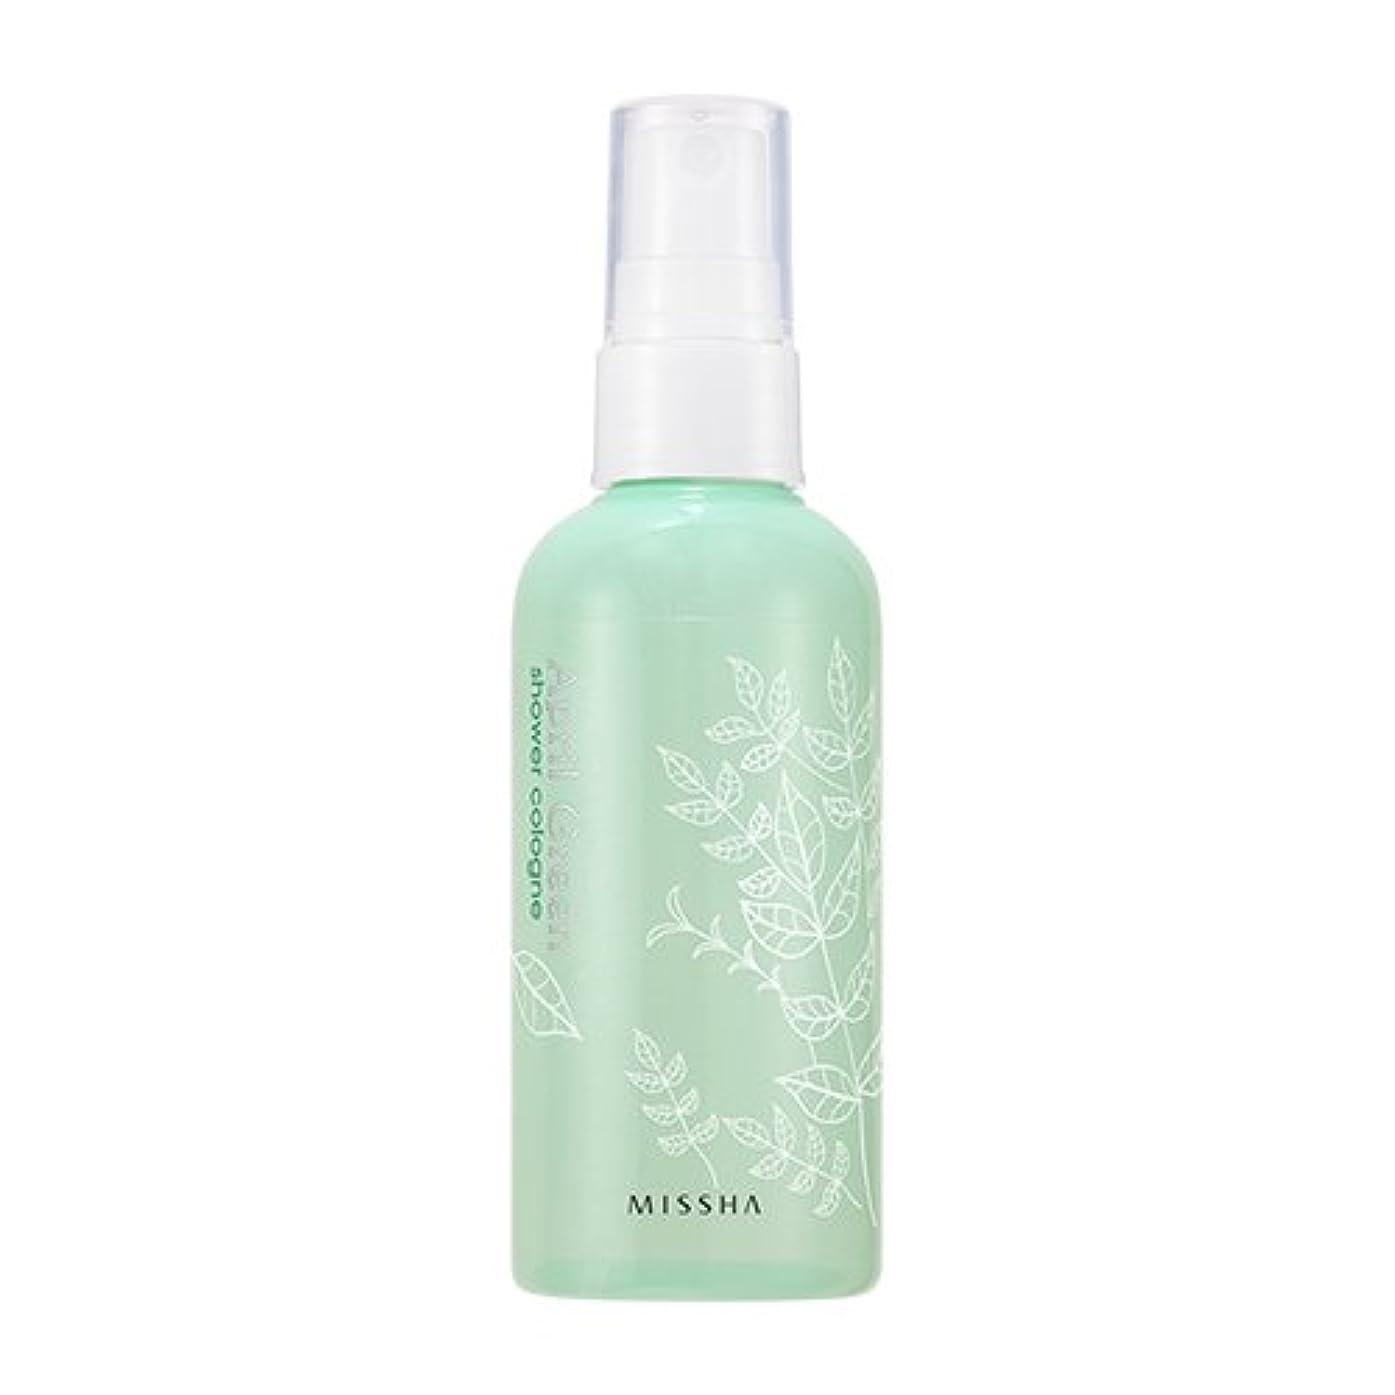 ヒープ再生可能MISSHA Perfumed Shower Cologne April Green 105ml / ミシャ パフュームドシャワーコロン エイプリルグリーン 105ml [並行輸入品]